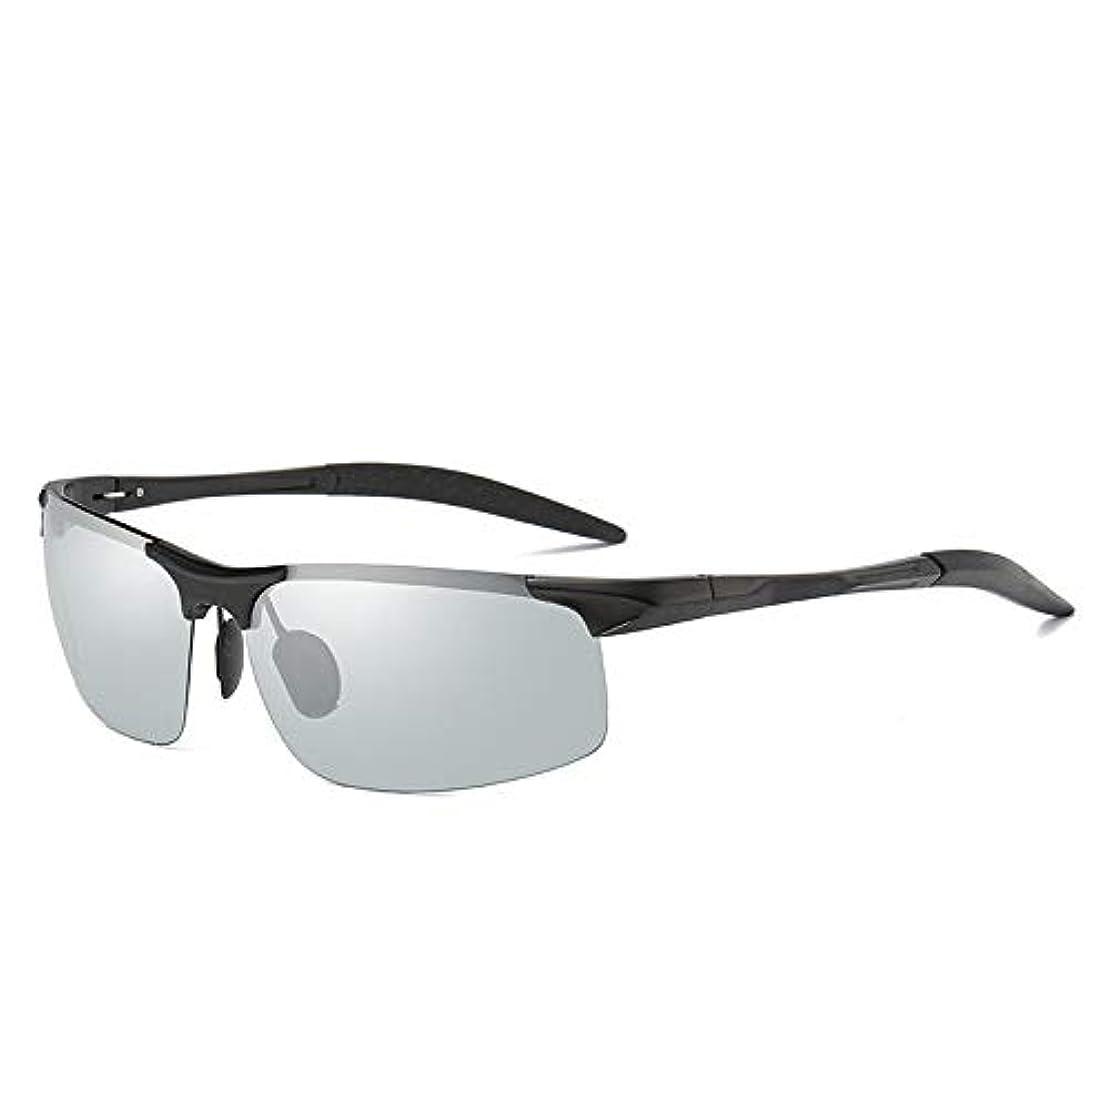 宿る音楽家ショルダースポーツサングラス 屋外インテリジェント急速色のメガネ偏光サングラスメンズサングラスドライビングハーフボックスドライバーバイクグラススポーツサングラスサイクリングメガネ ユニセックスサングラス